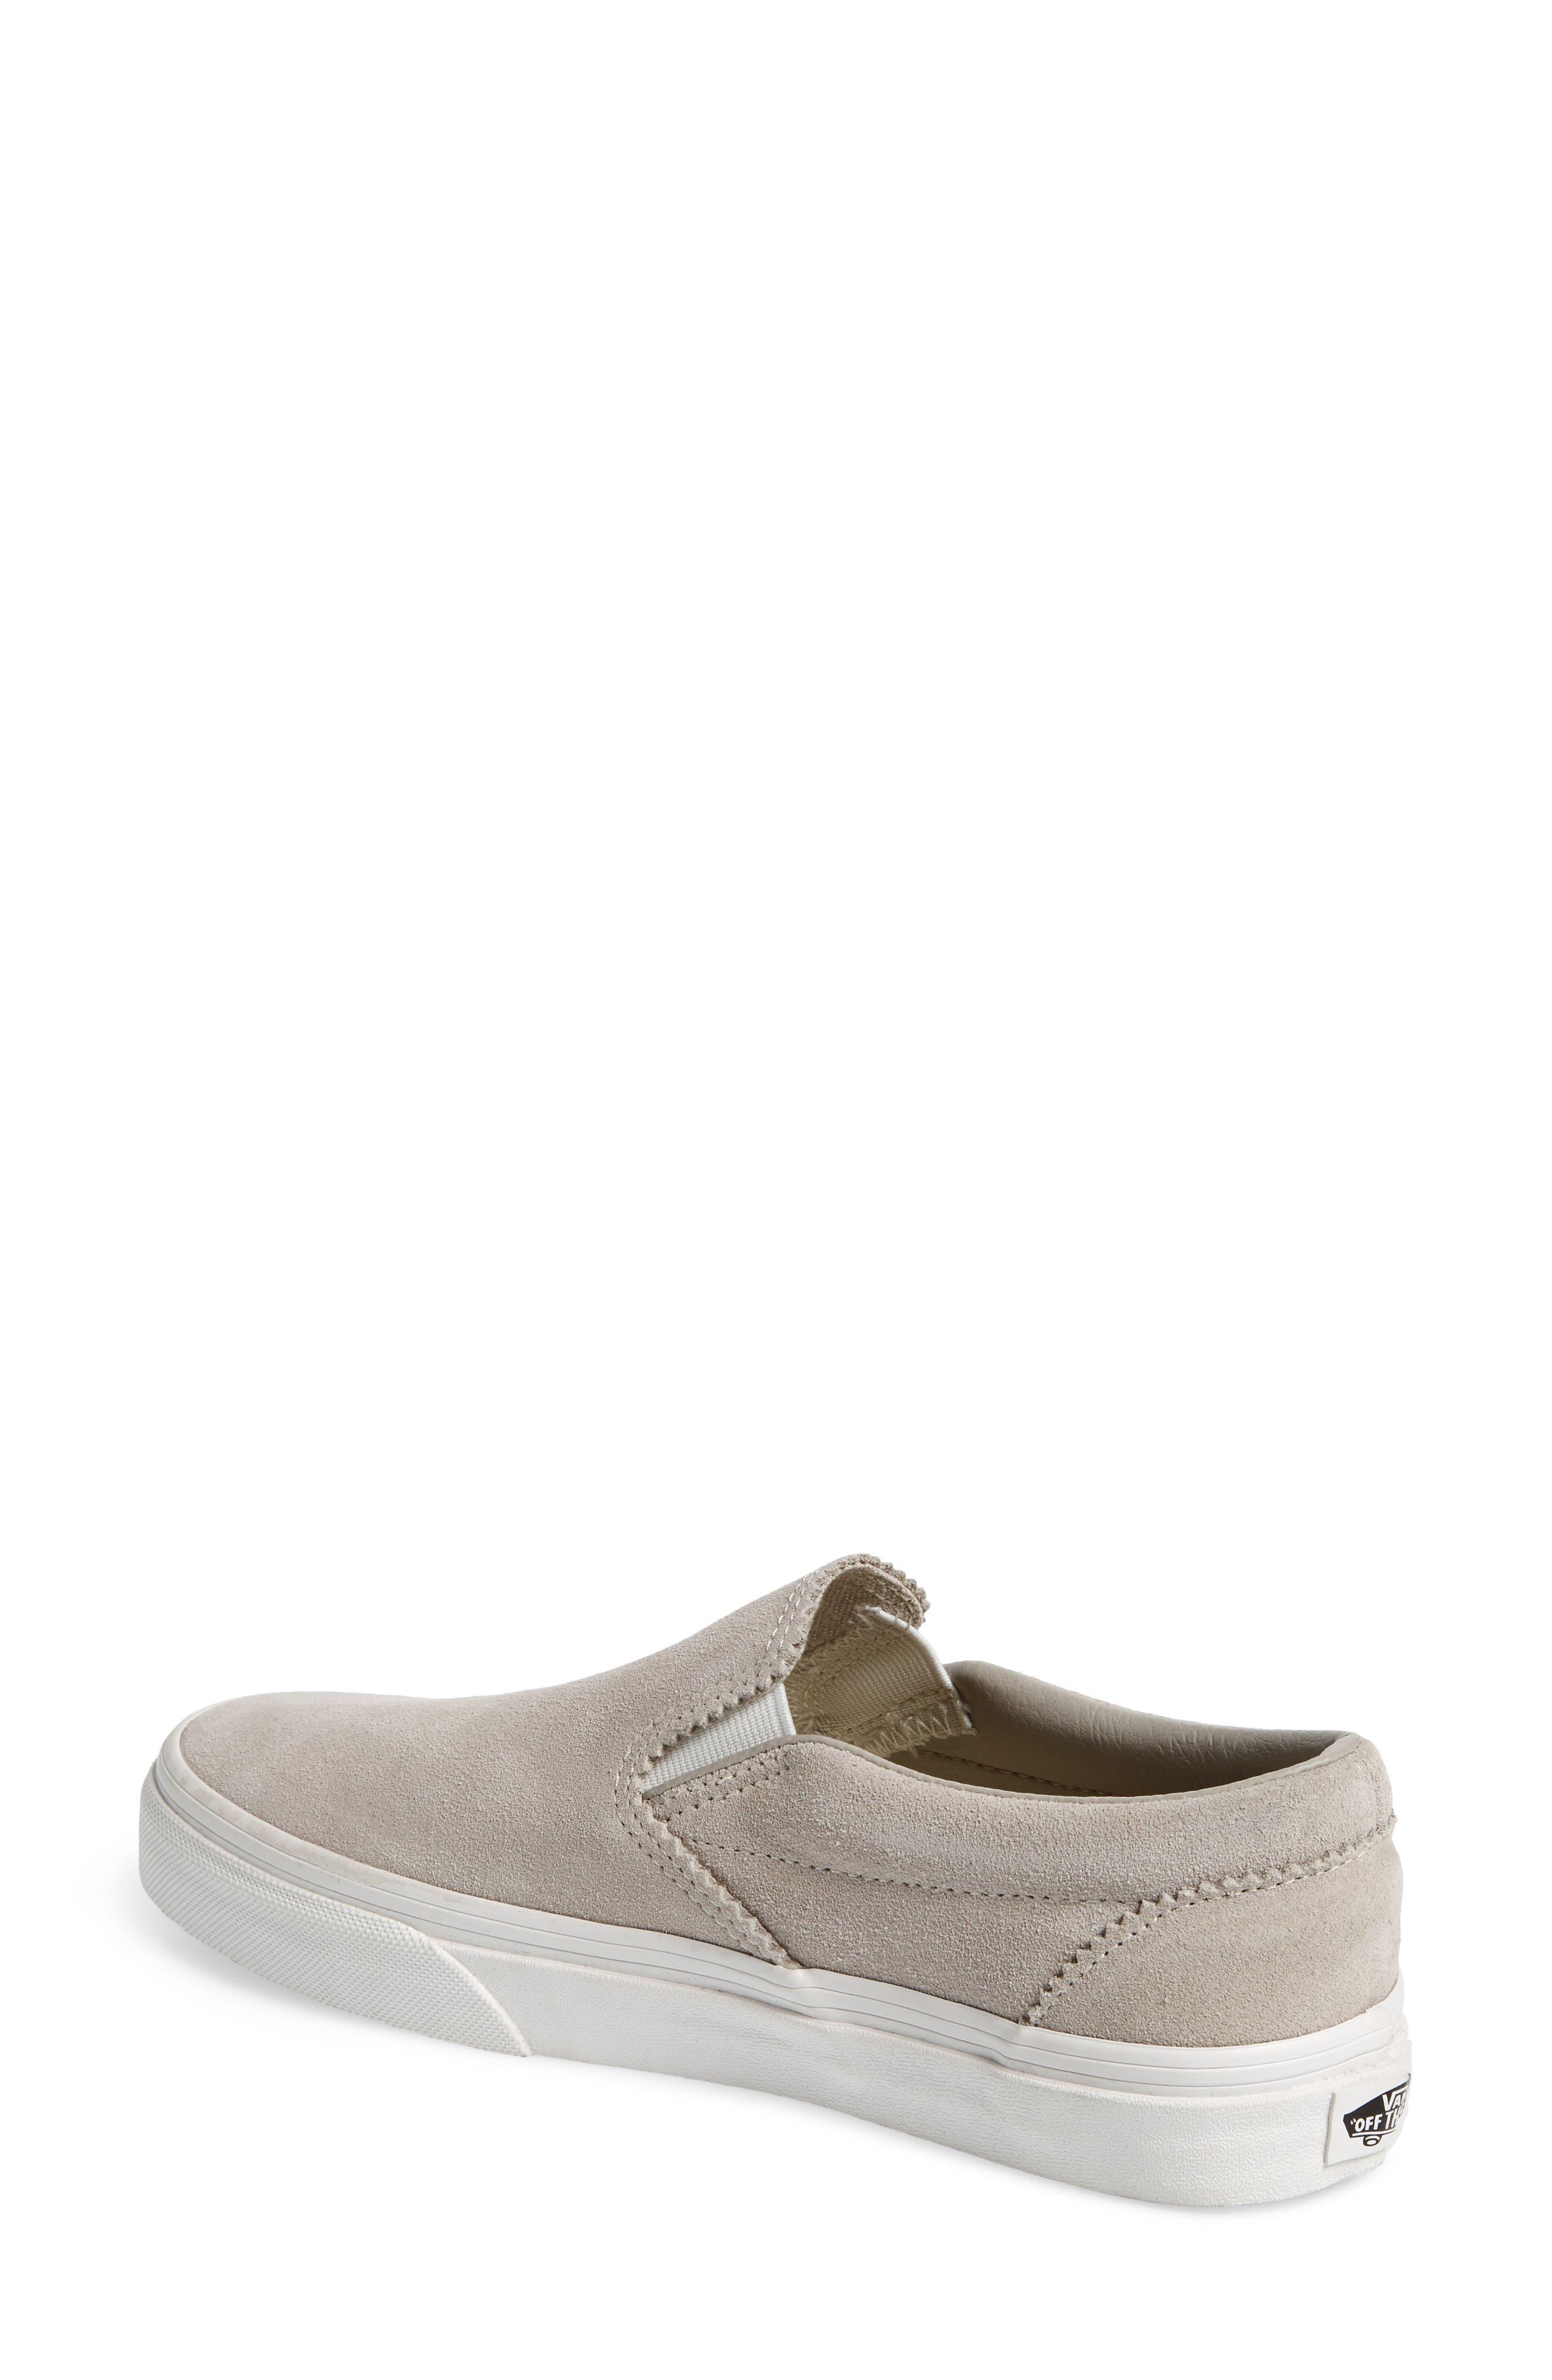 ,                             Classic Slip-On Sneaker,                             Alternate thumbnail 106, color,                             046